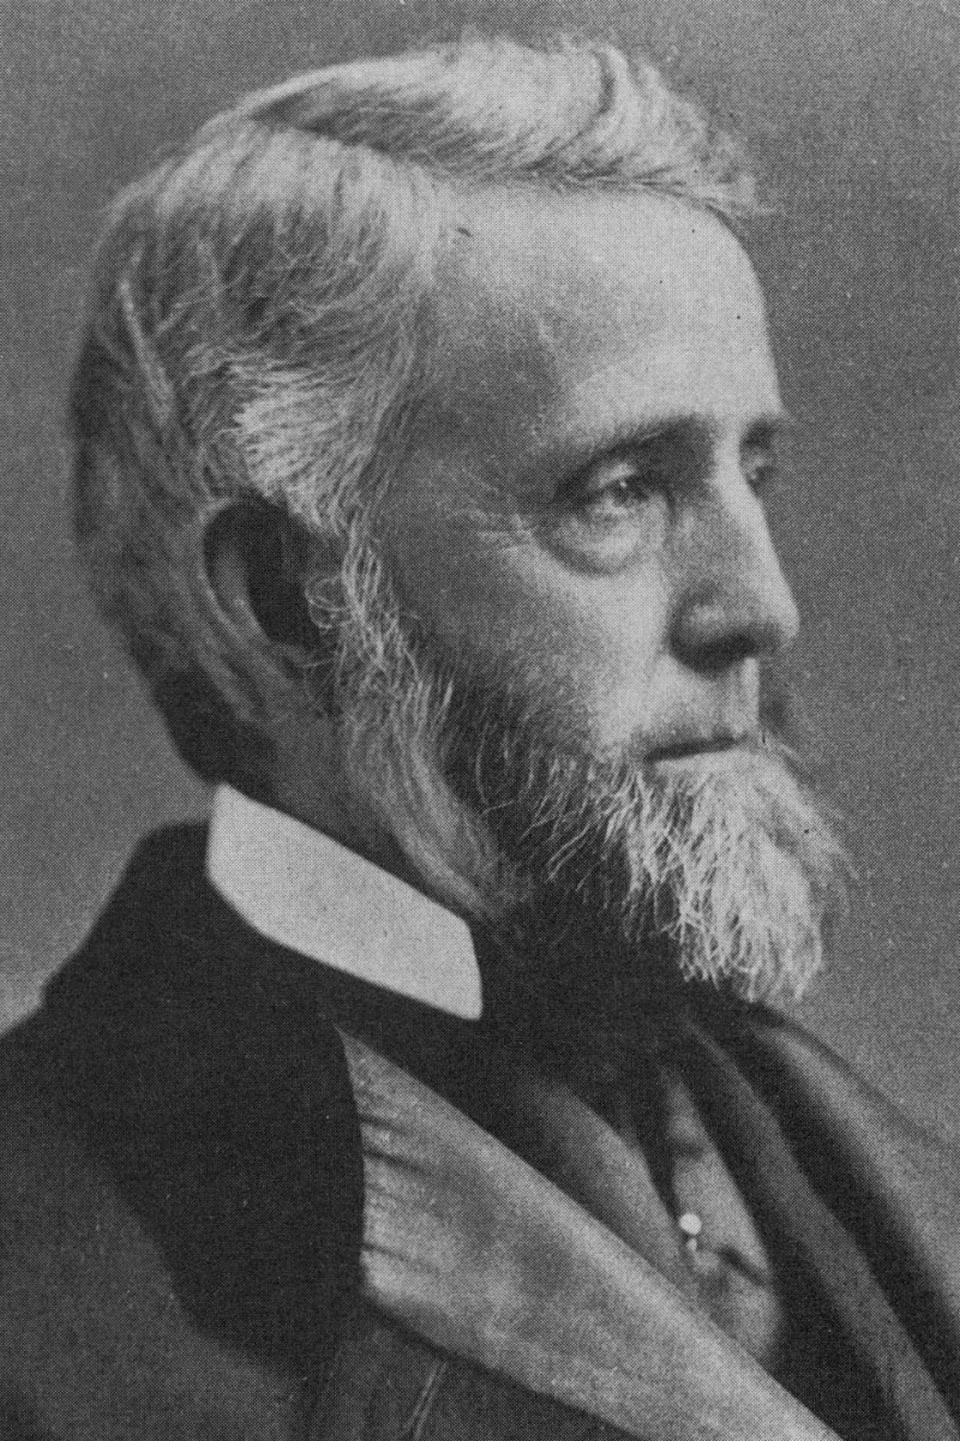 Уильям Лечуорт (William Letchworth) Но, к сожалению, Уильям скончался до официального открытия села